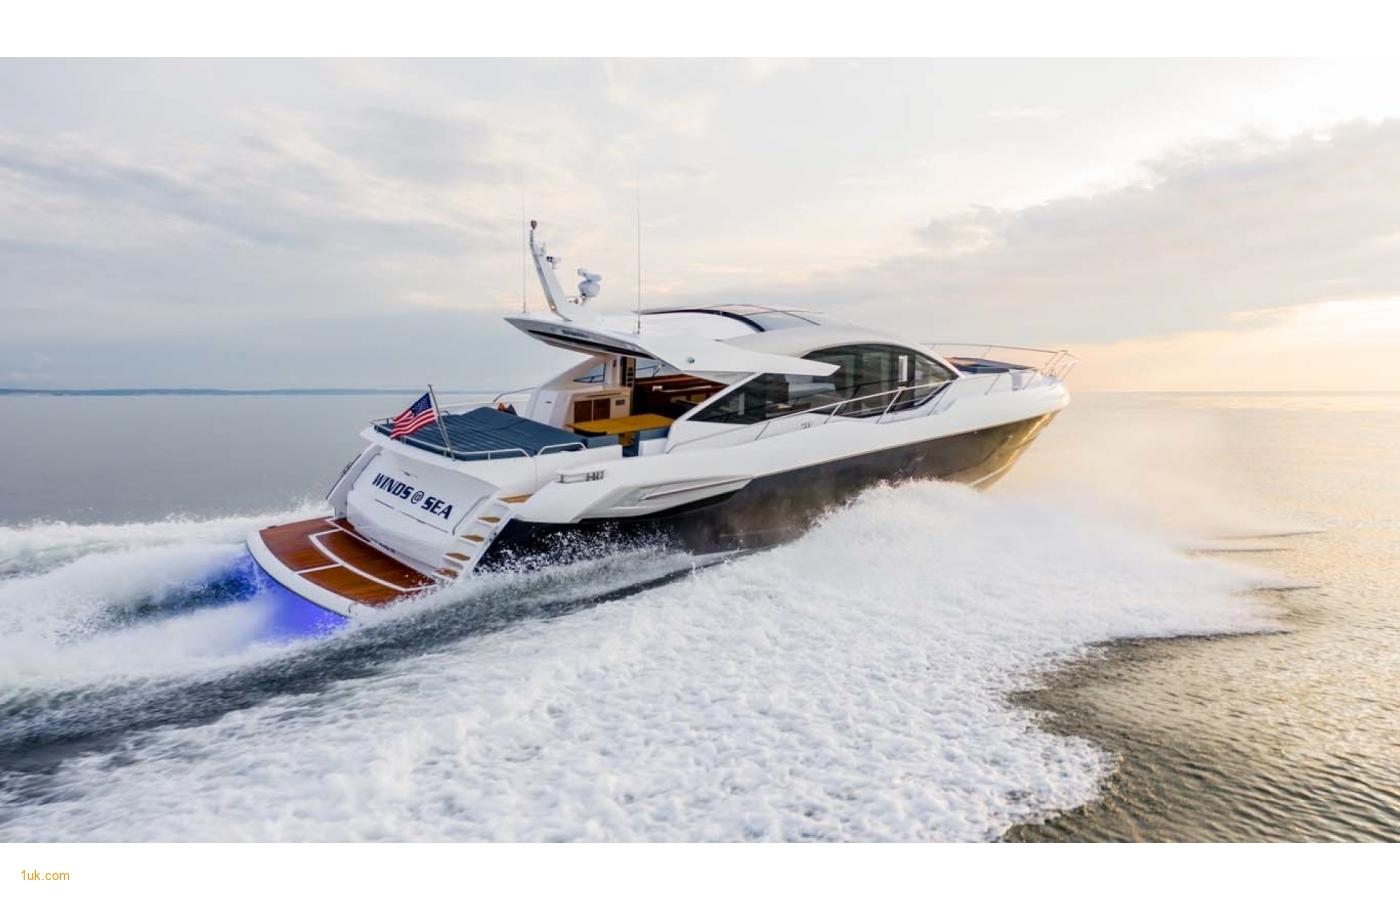 Predator 74 Motor yacht cruising in to the sunset